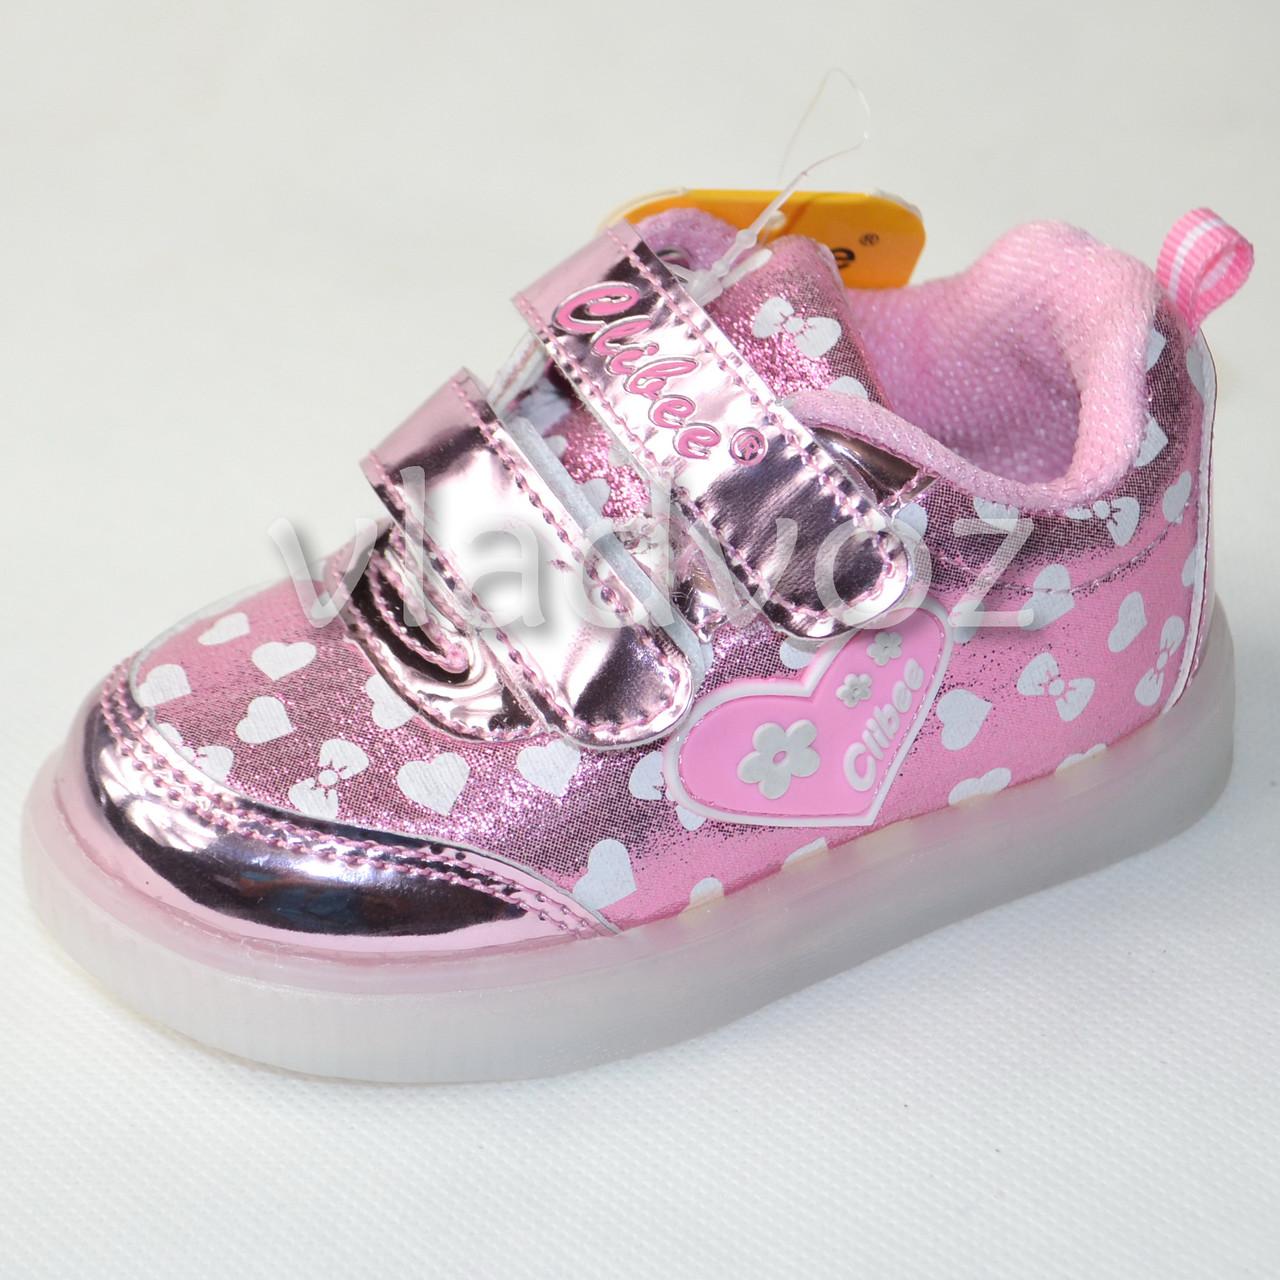 Детские светящиеся кроссовки с led подсветкой для девочки розовые Clibee 21р.